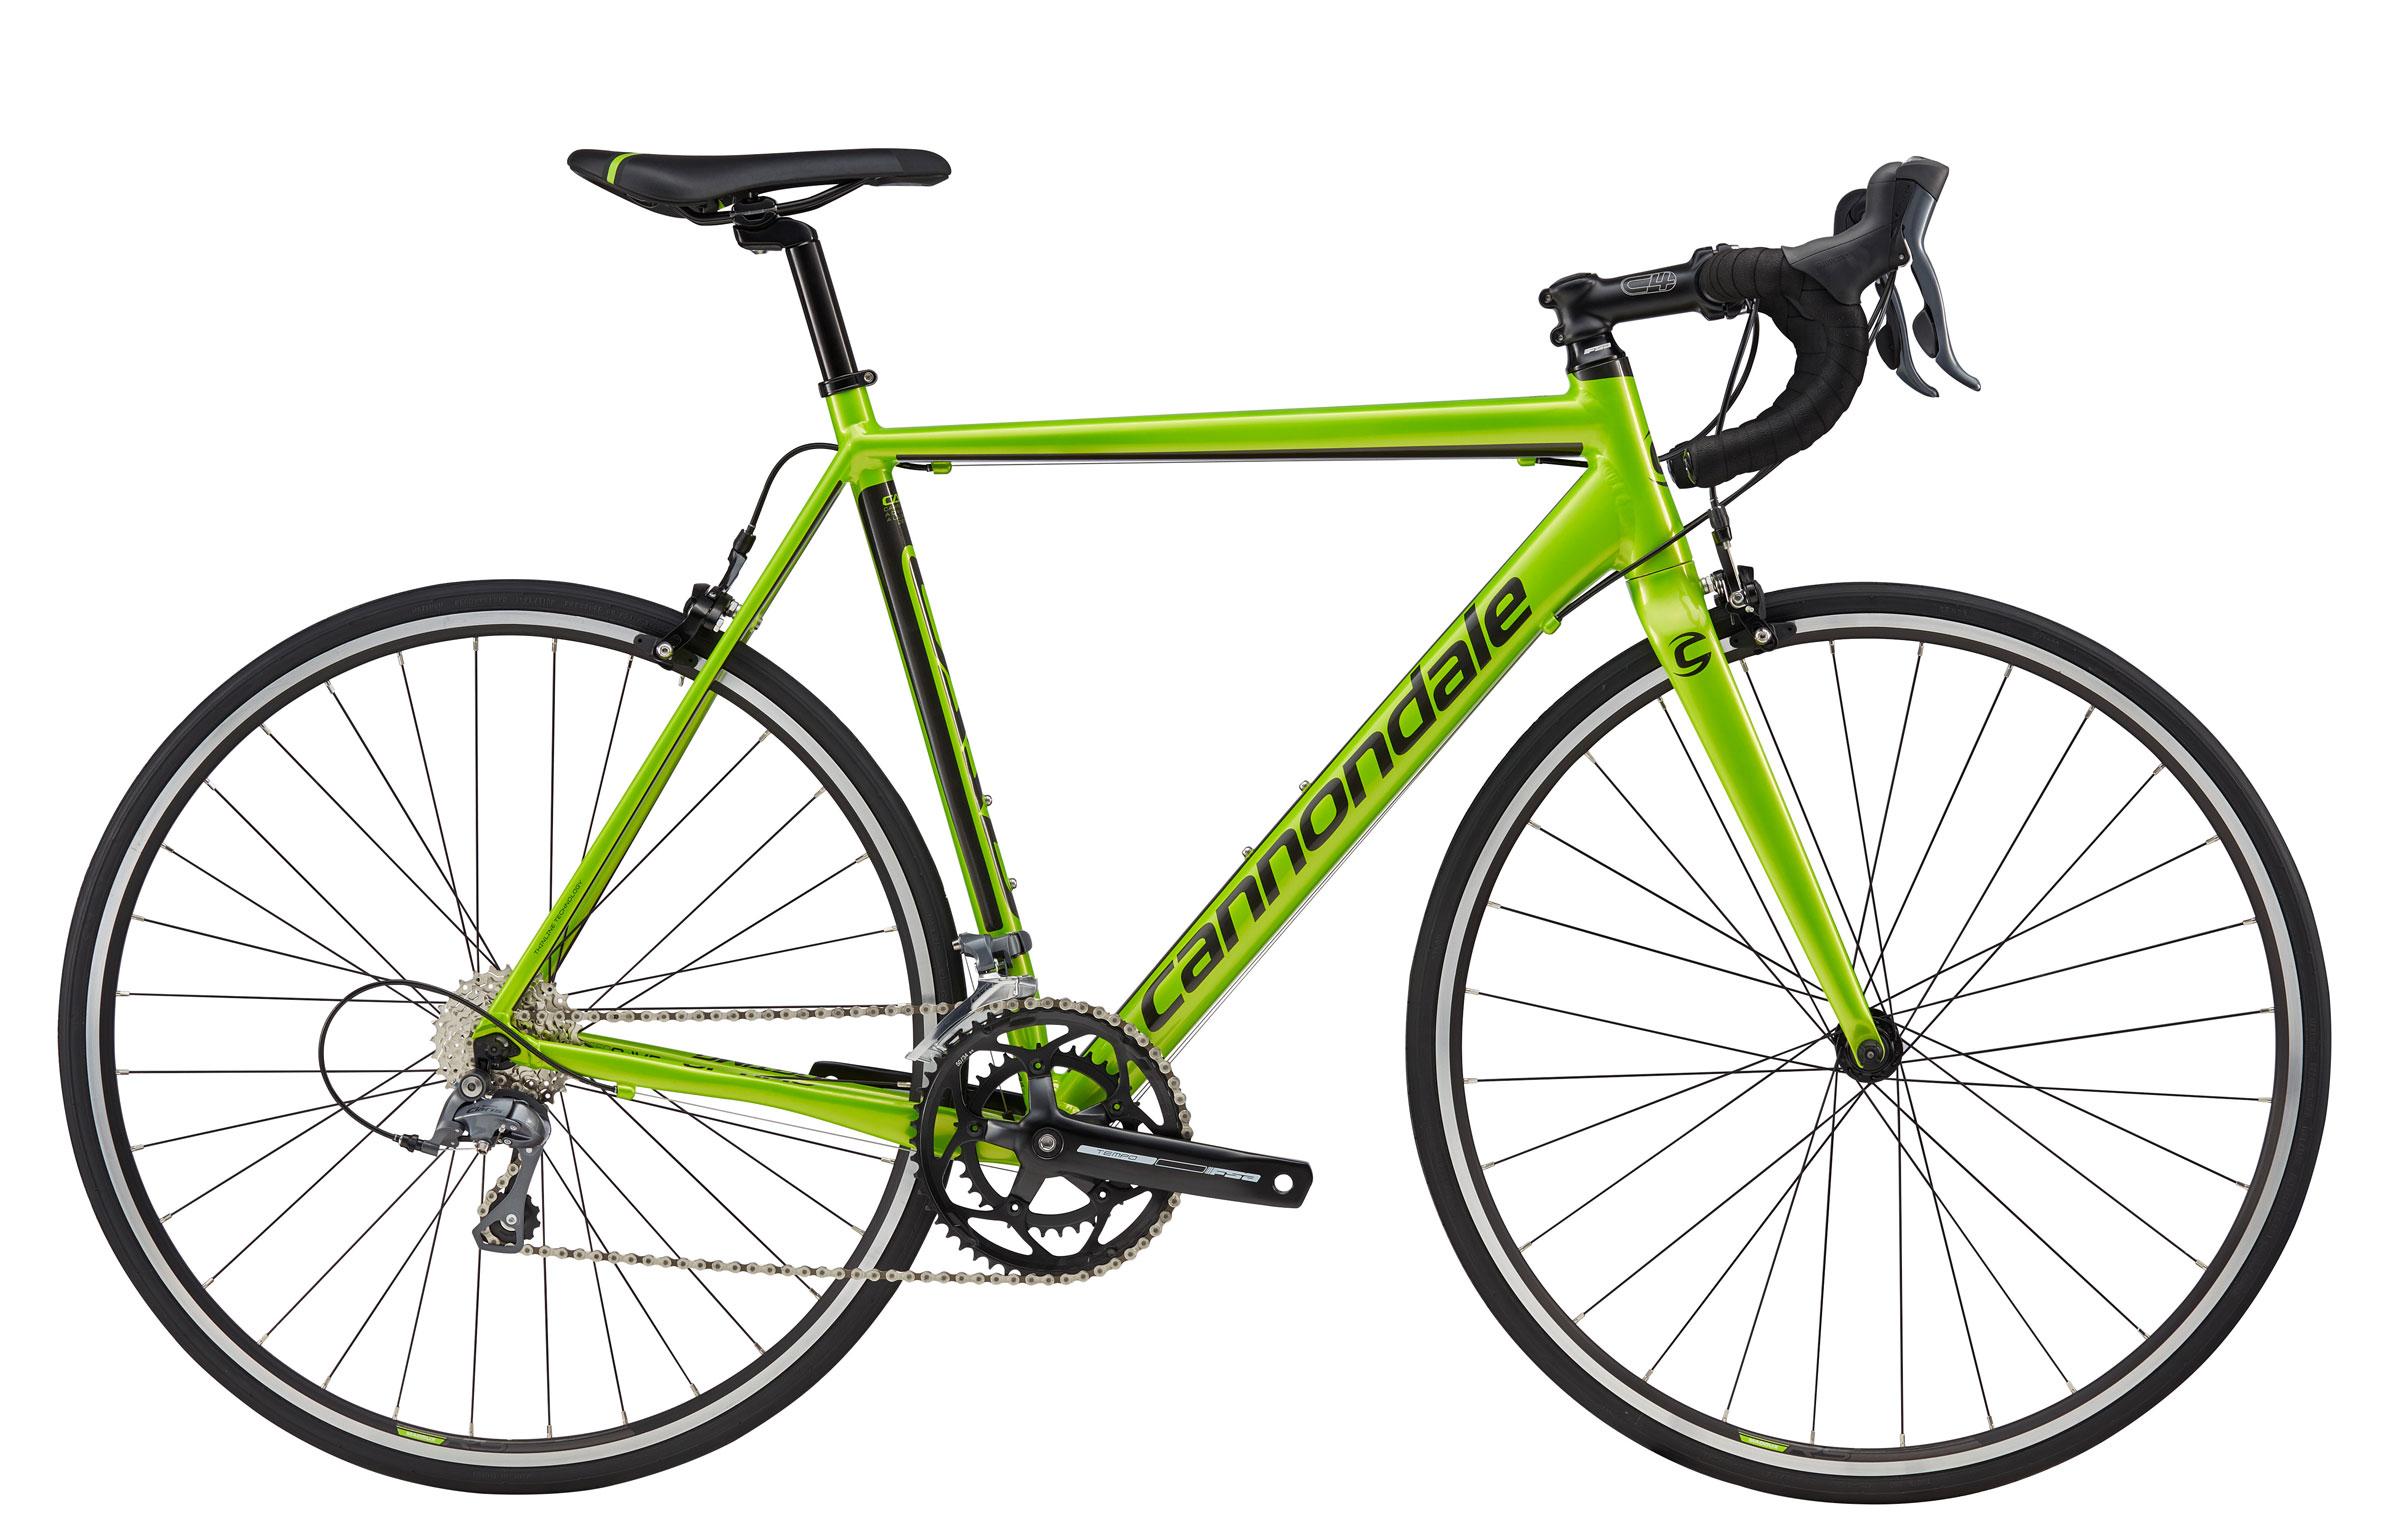 2680b23b71a Cannondale CAAD Optimo Claris - Orange Cycle - Orlando, FL